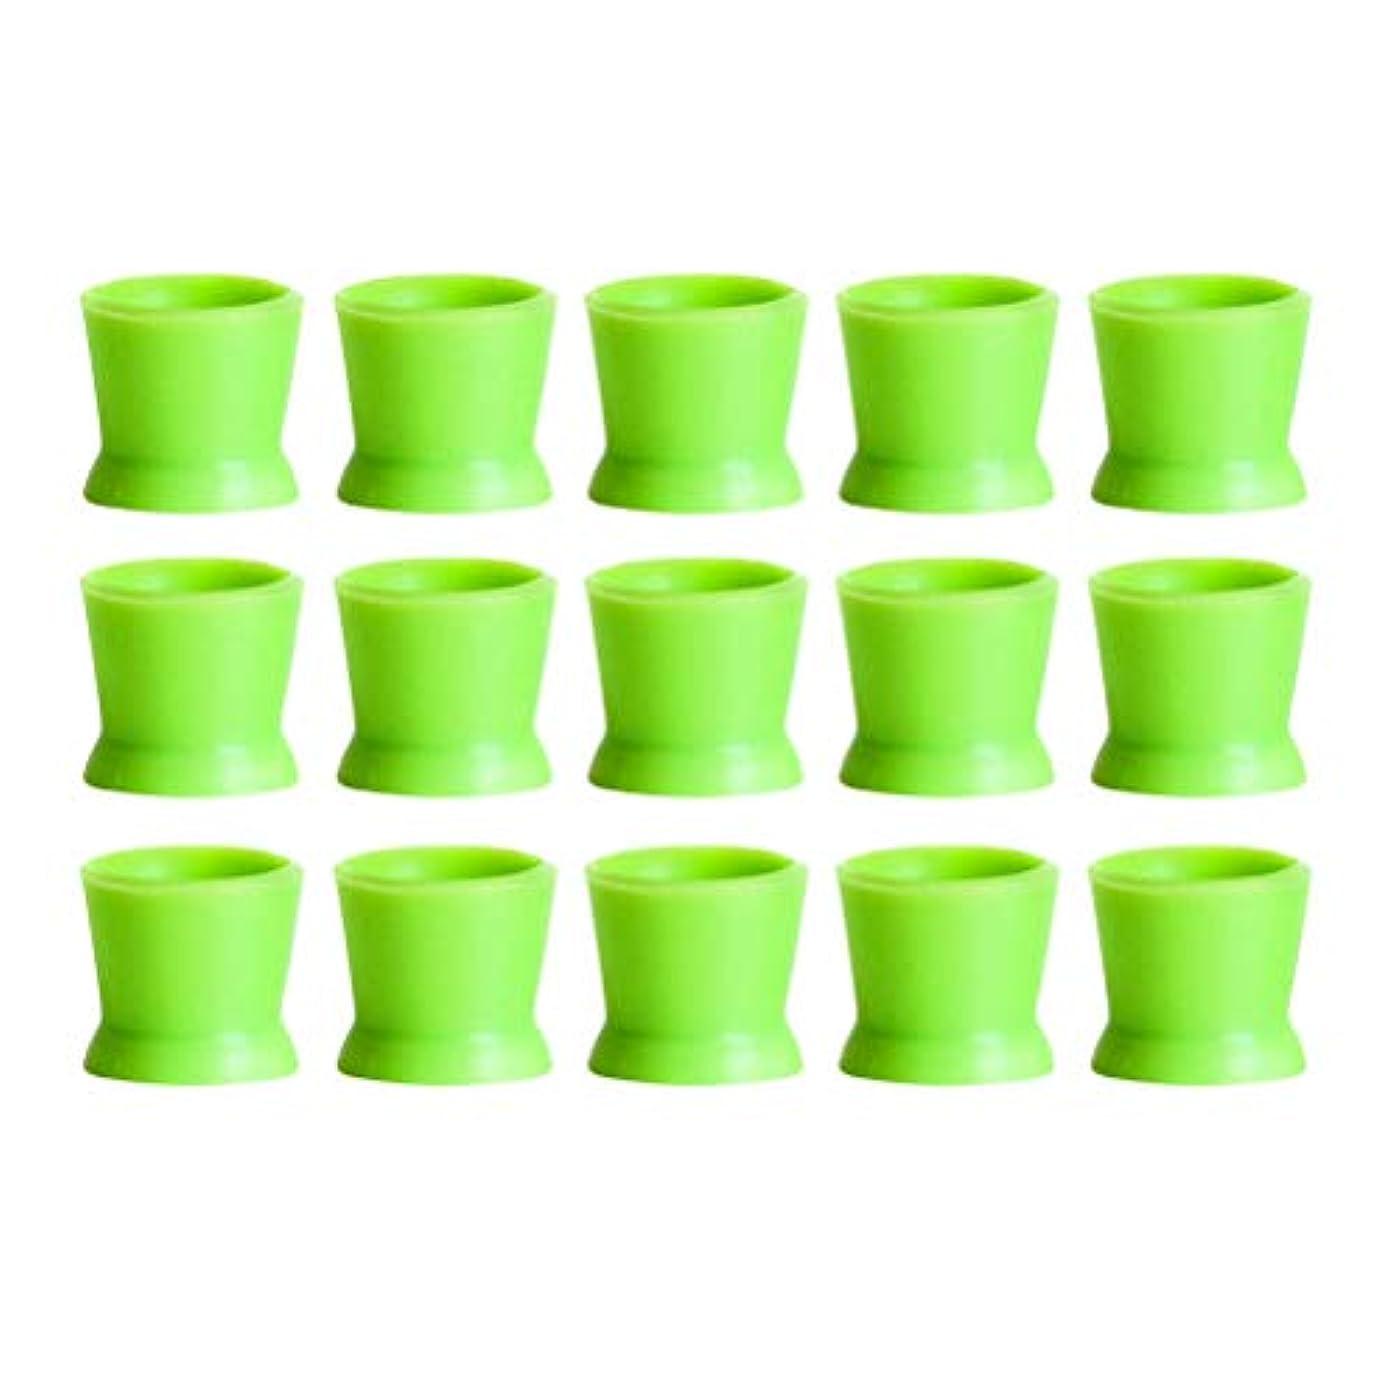 人気首相継続中Healifty 300PCSシリコンタトゥーインクカップ使い捨てマイクロブレーディングピグメントキャップホルダーコンテナ永久的なまつげメイクアップアイブロー(グリーン)